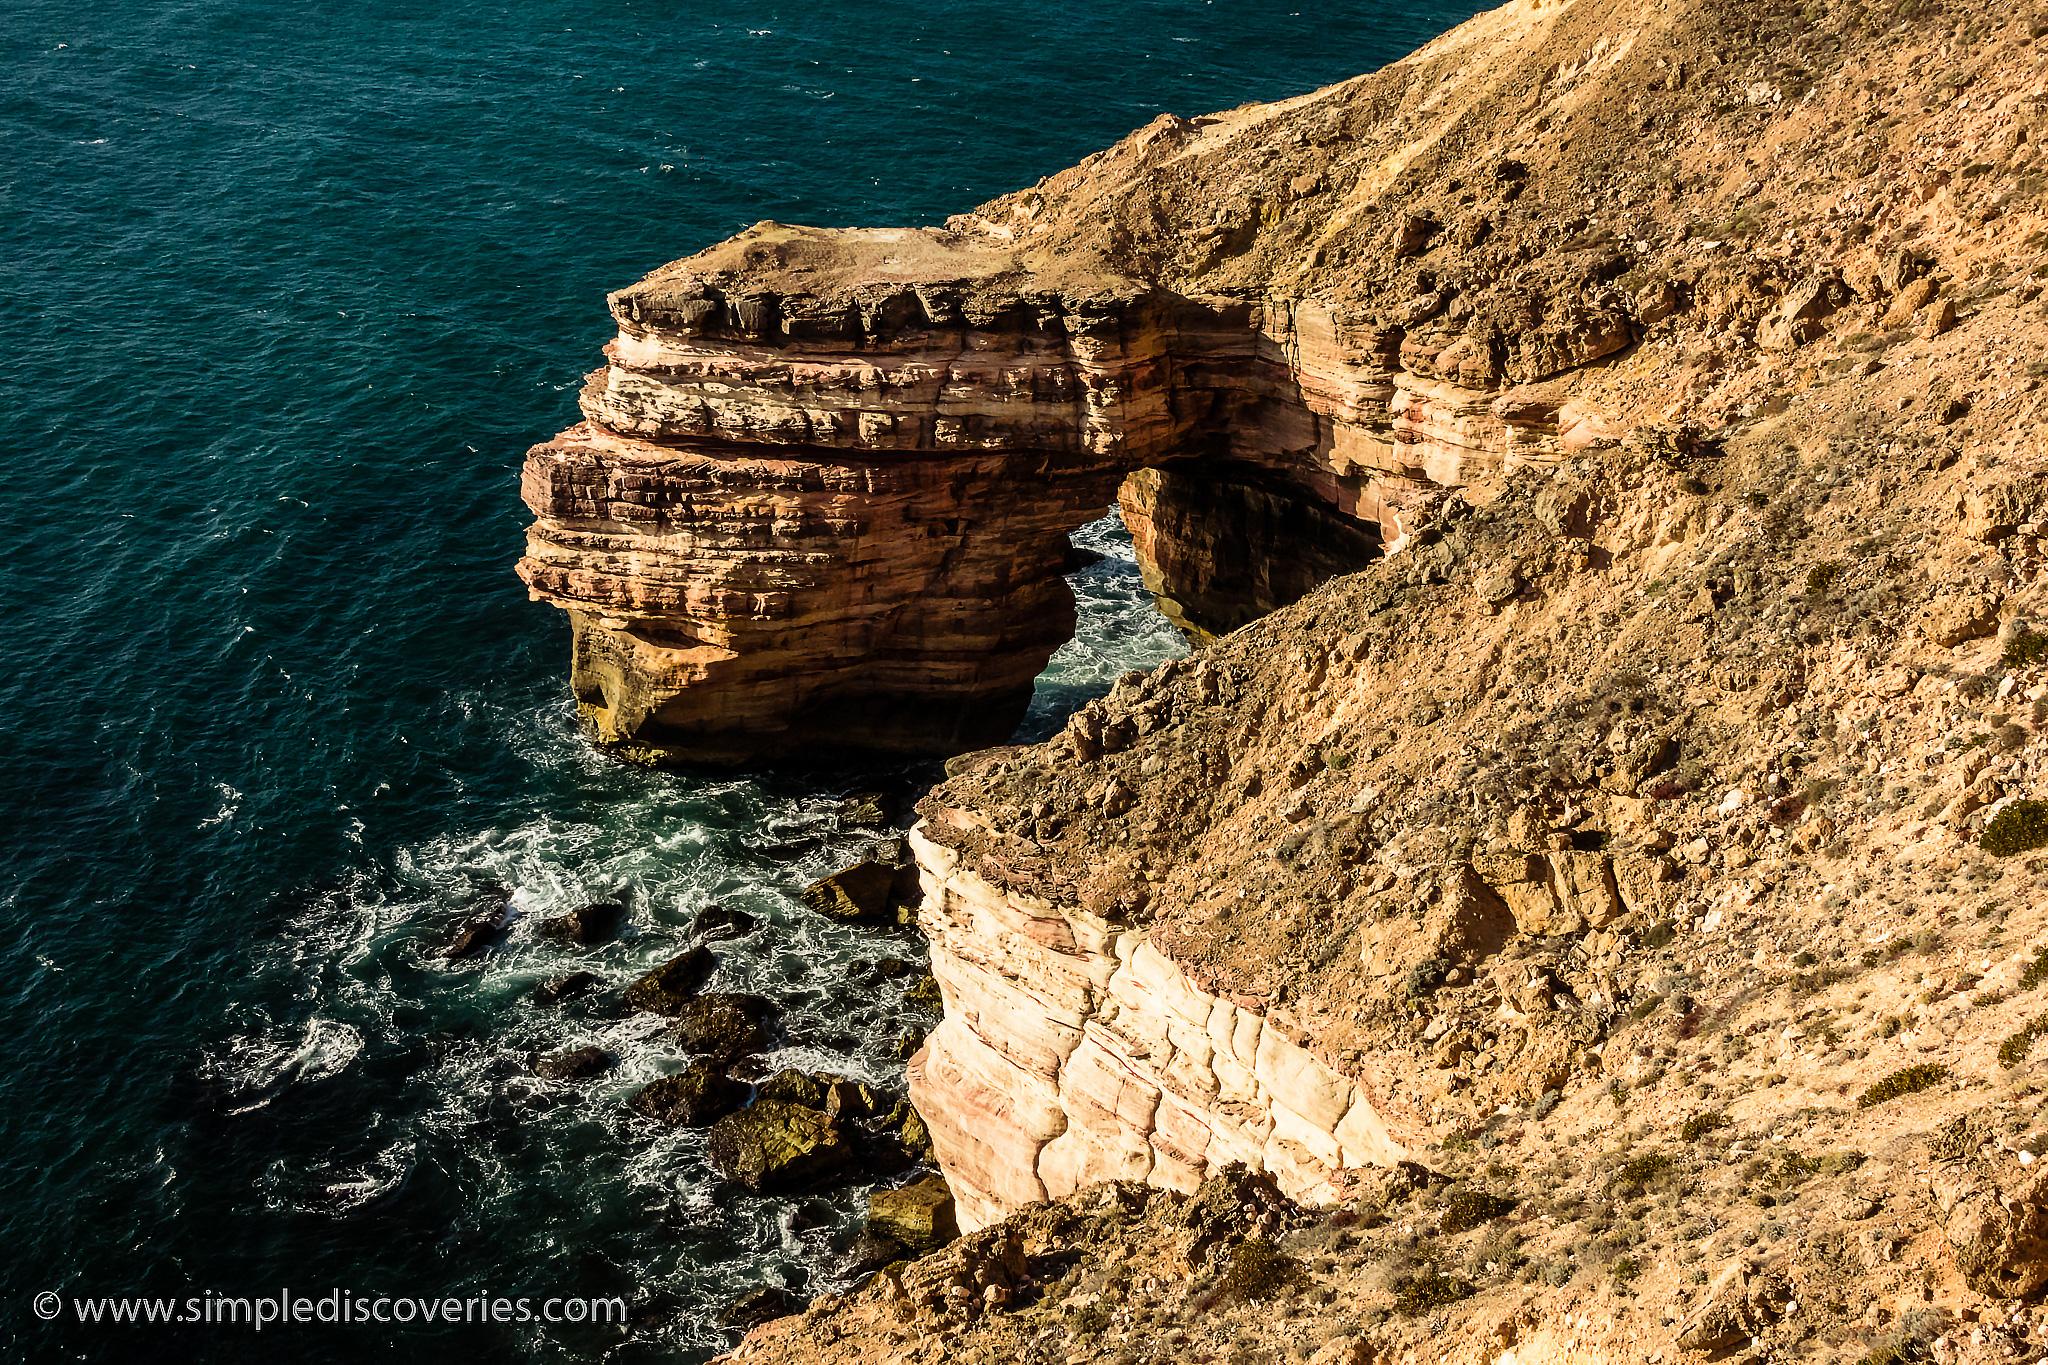 kalbarri_coastline_australia